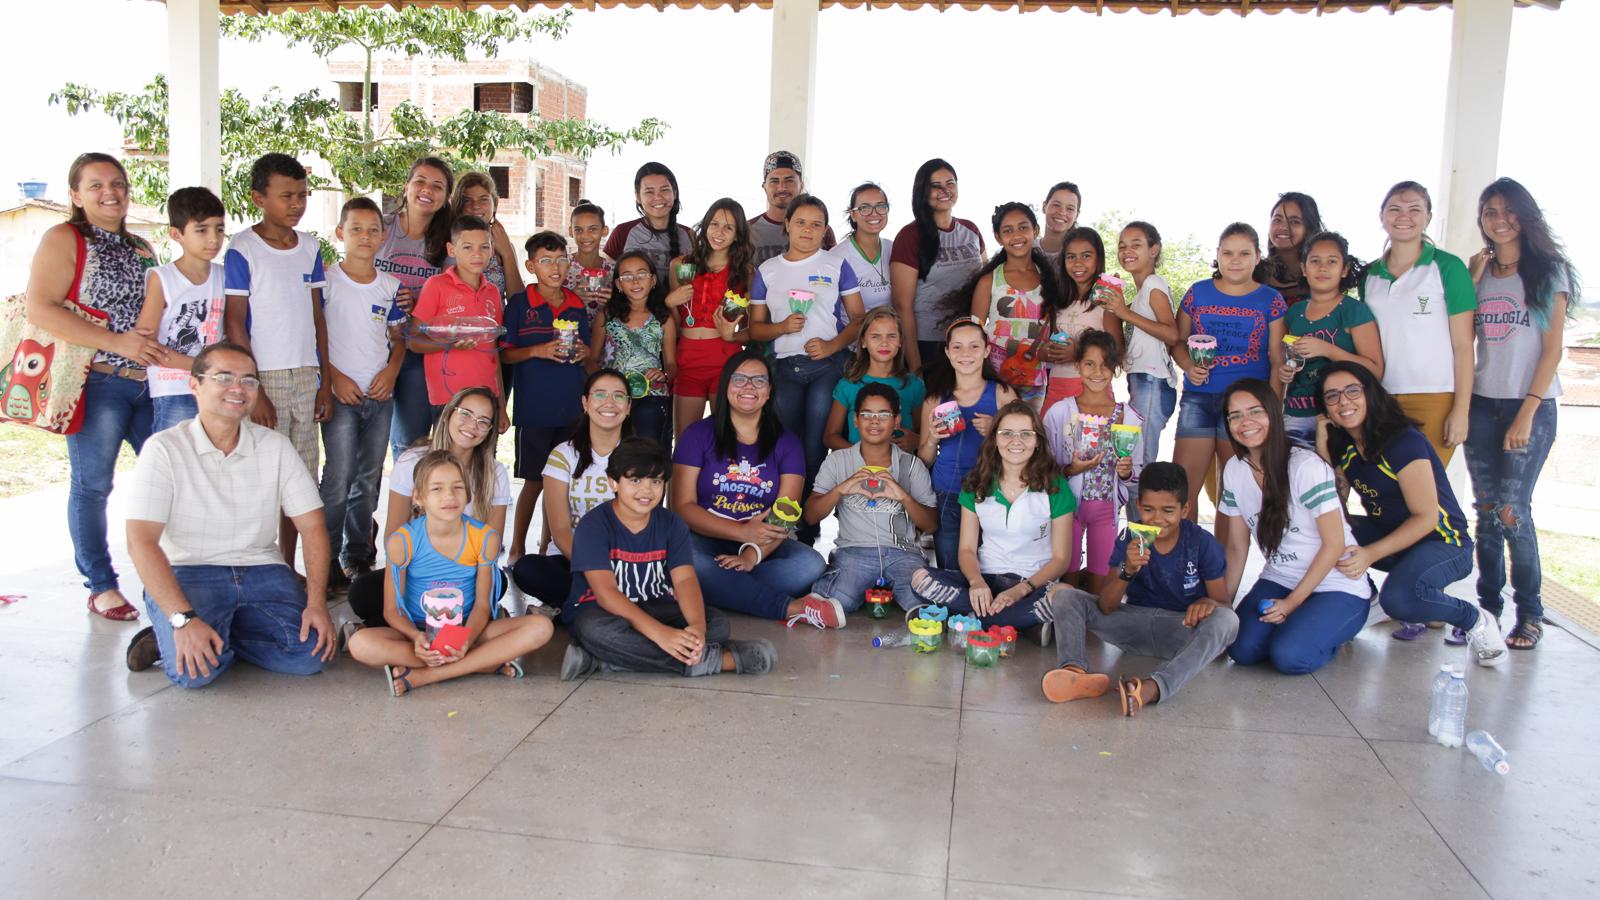 Ação fez parte da disciplina Saúde e Cidadania (Saci), que busca atuar junto às comunidades tratando de problemas que afetem a saúde e o meio sociocultural das pessoas